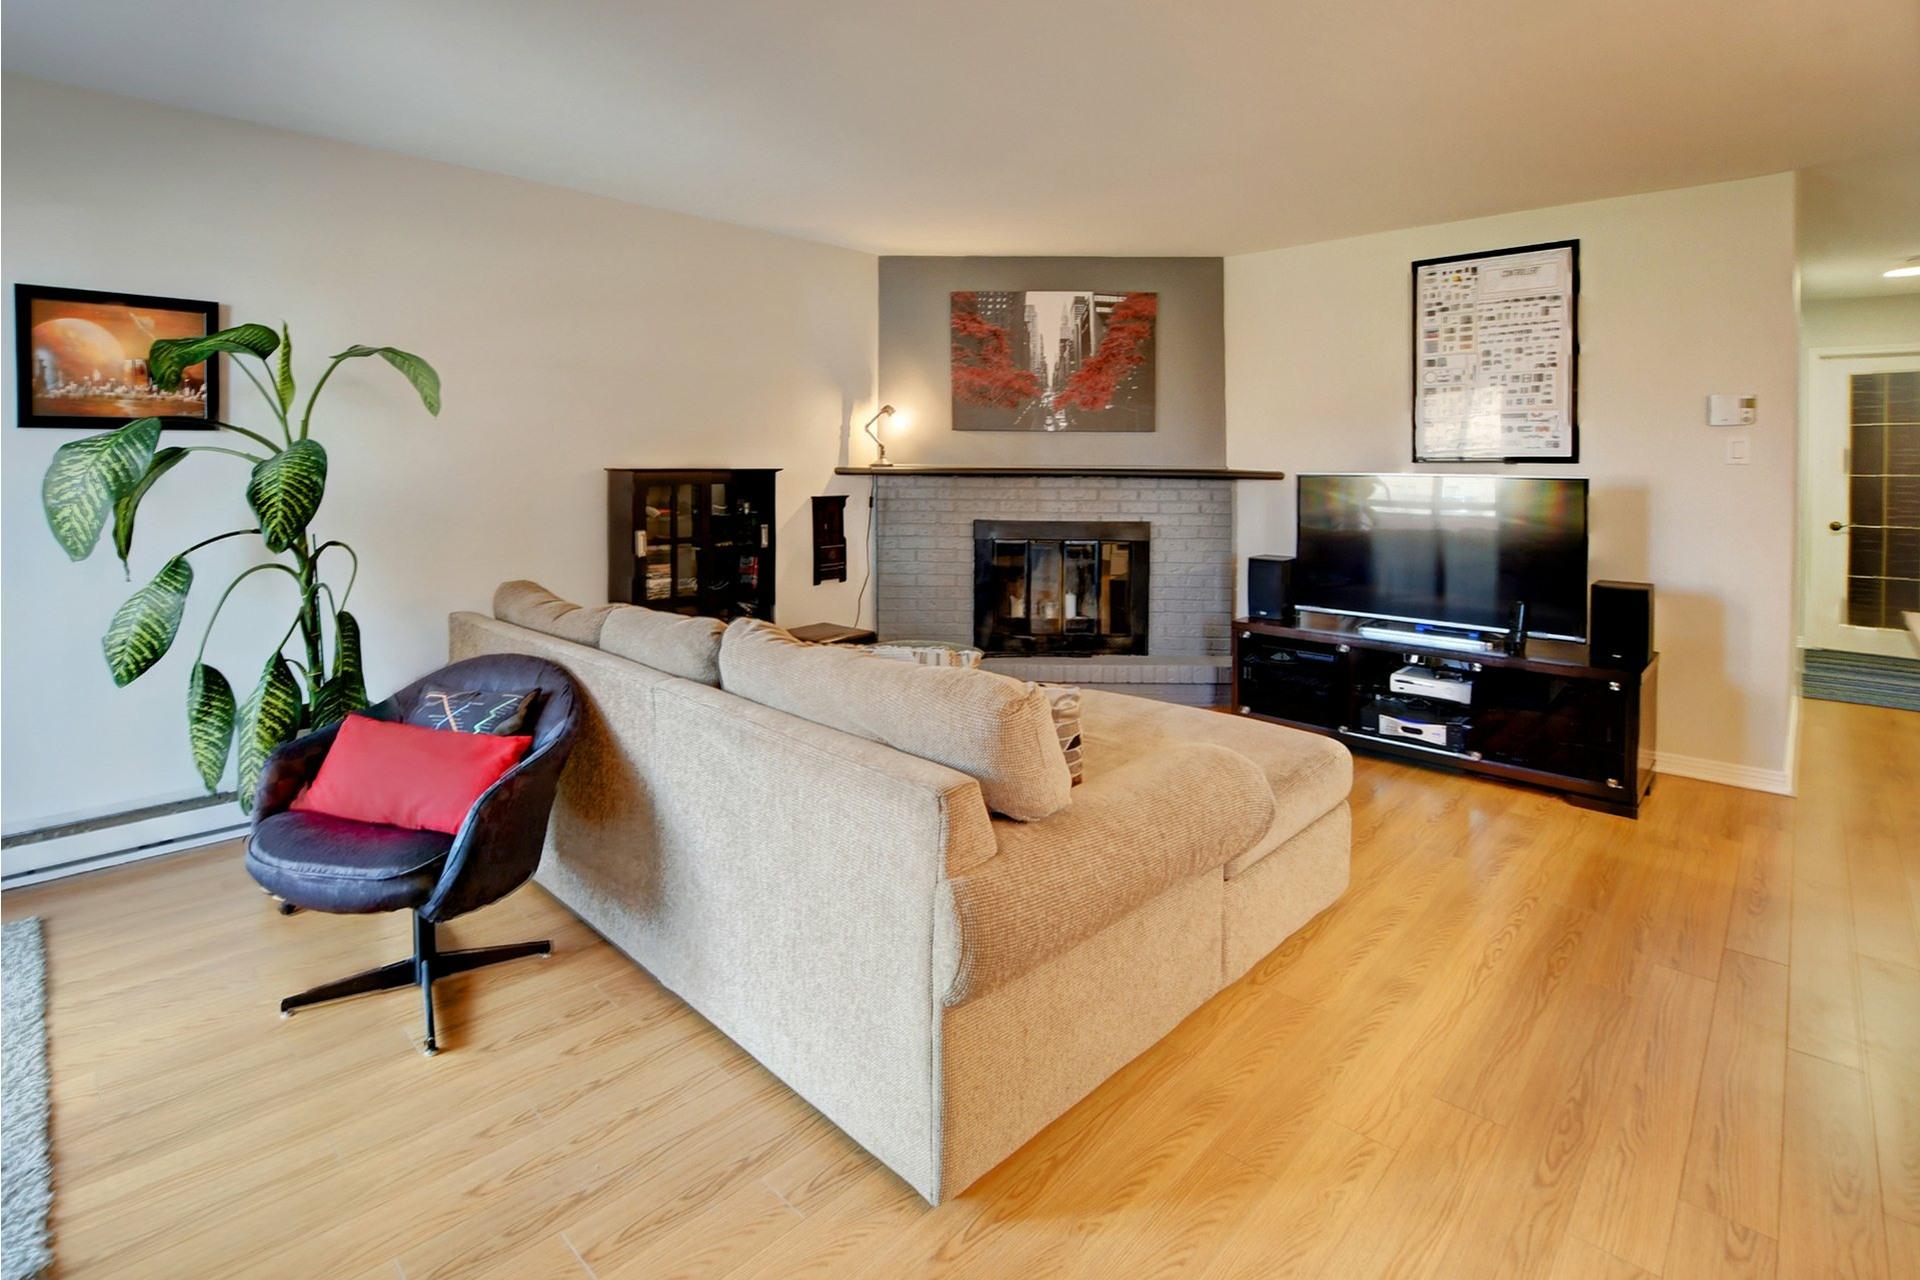 image 9 - Apartment For sale Rivière-des-Prairies/Pointe-aux-Trembles Montréal  - 9 rooms